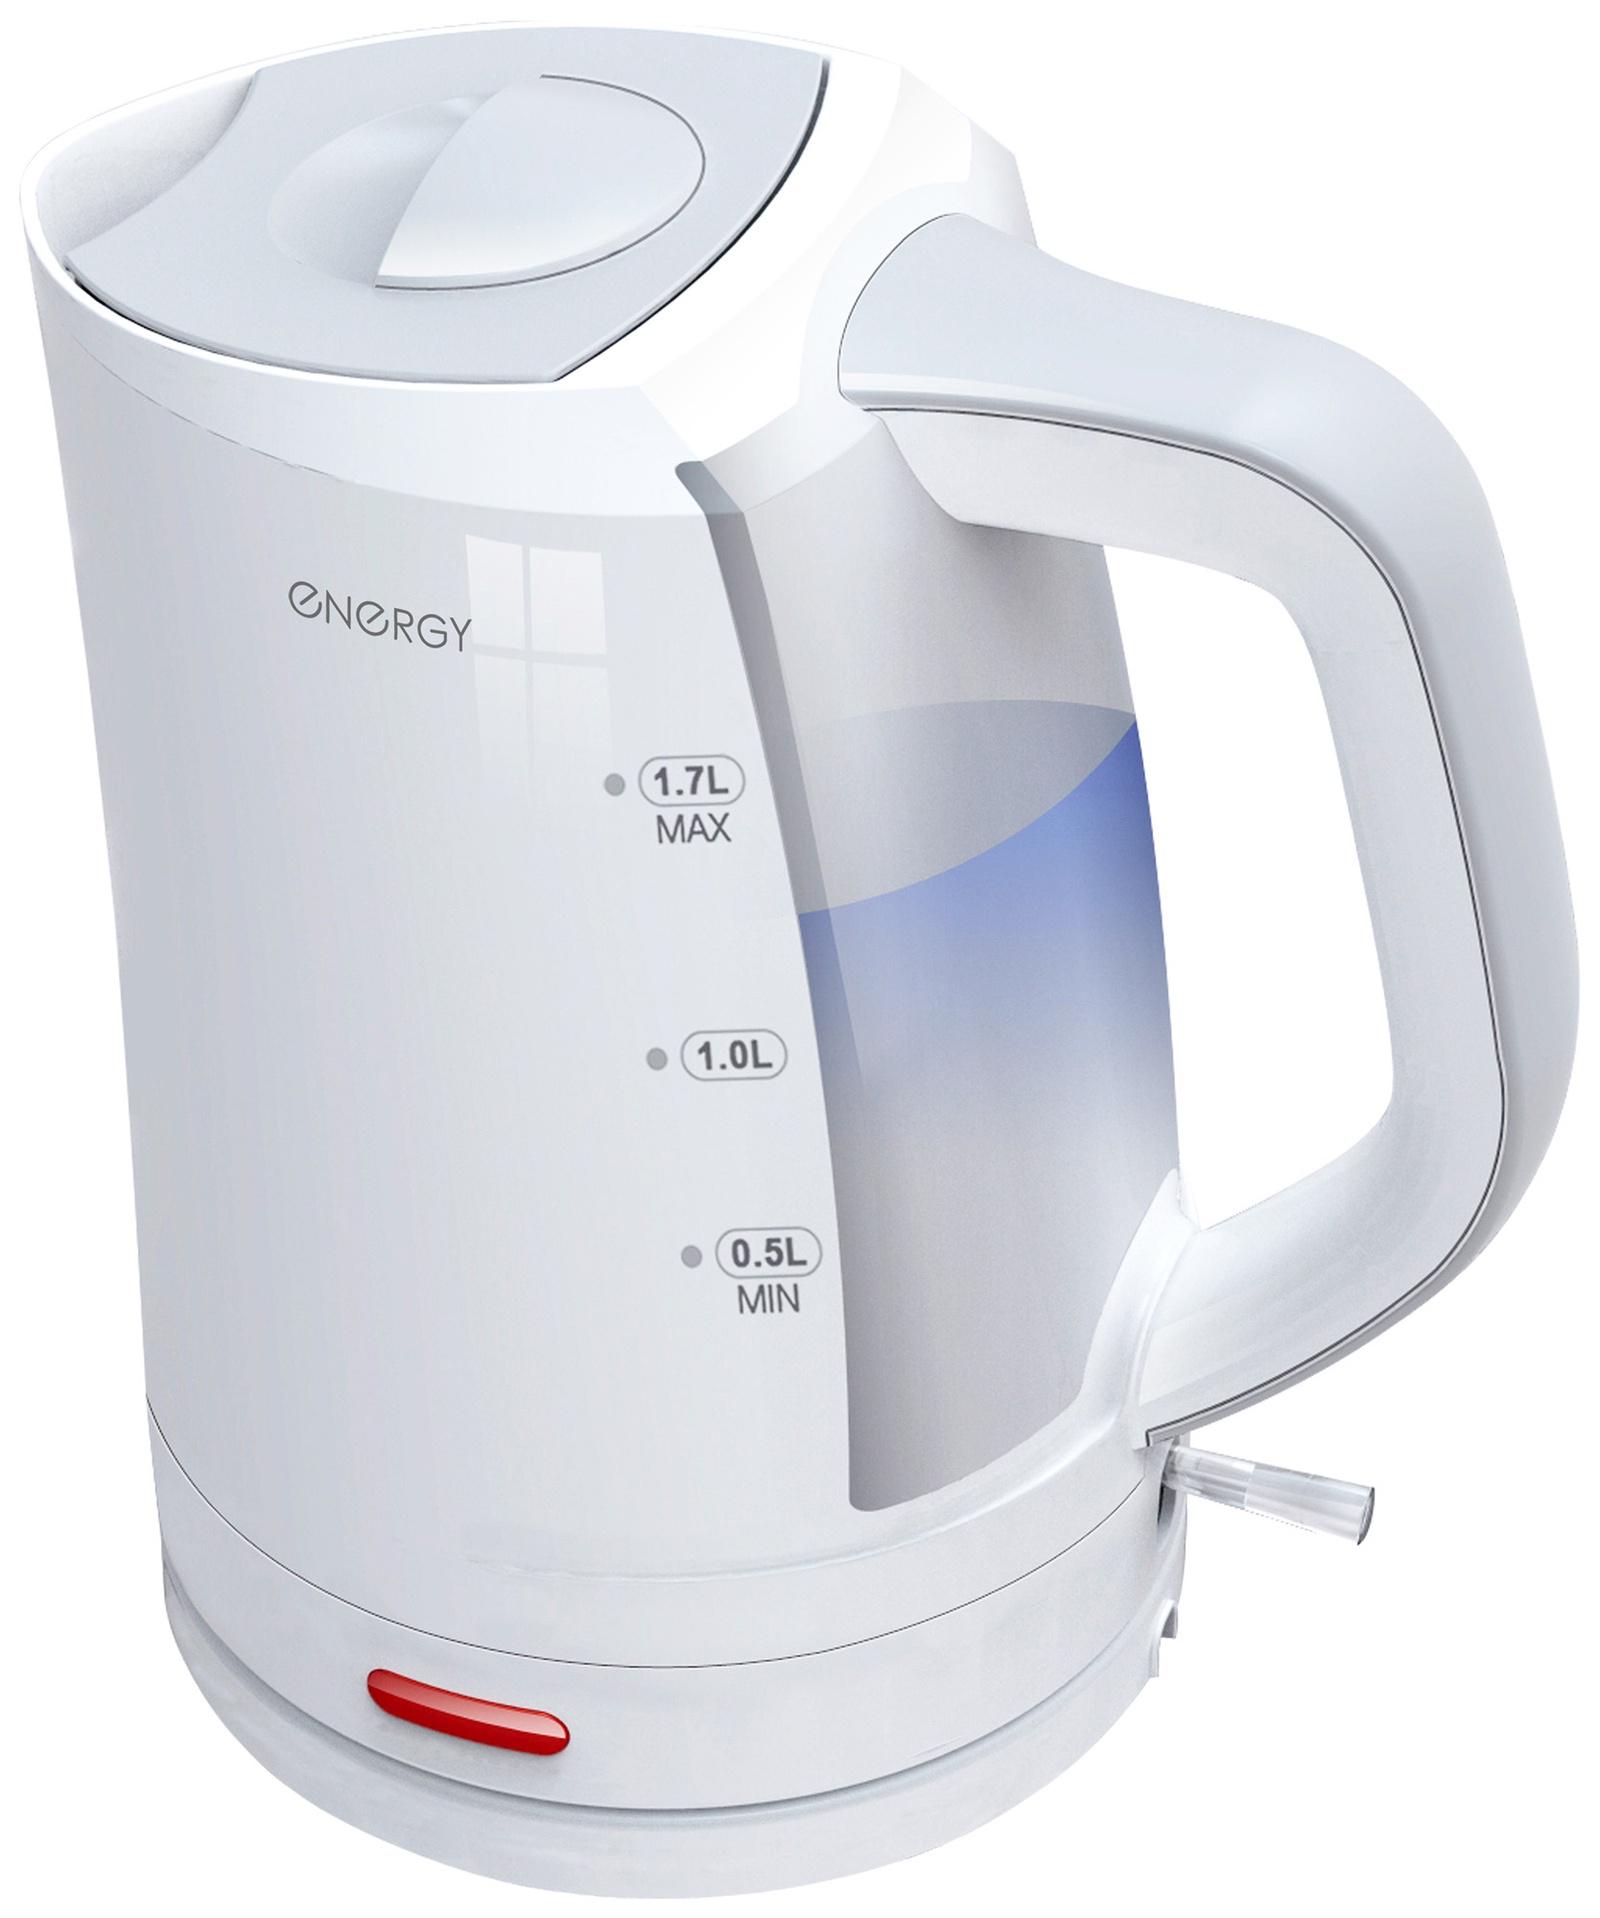 Электрический чайник ENERGY E-220, 54 153069, белый energy чайник energy e 226 1 7л диск белый